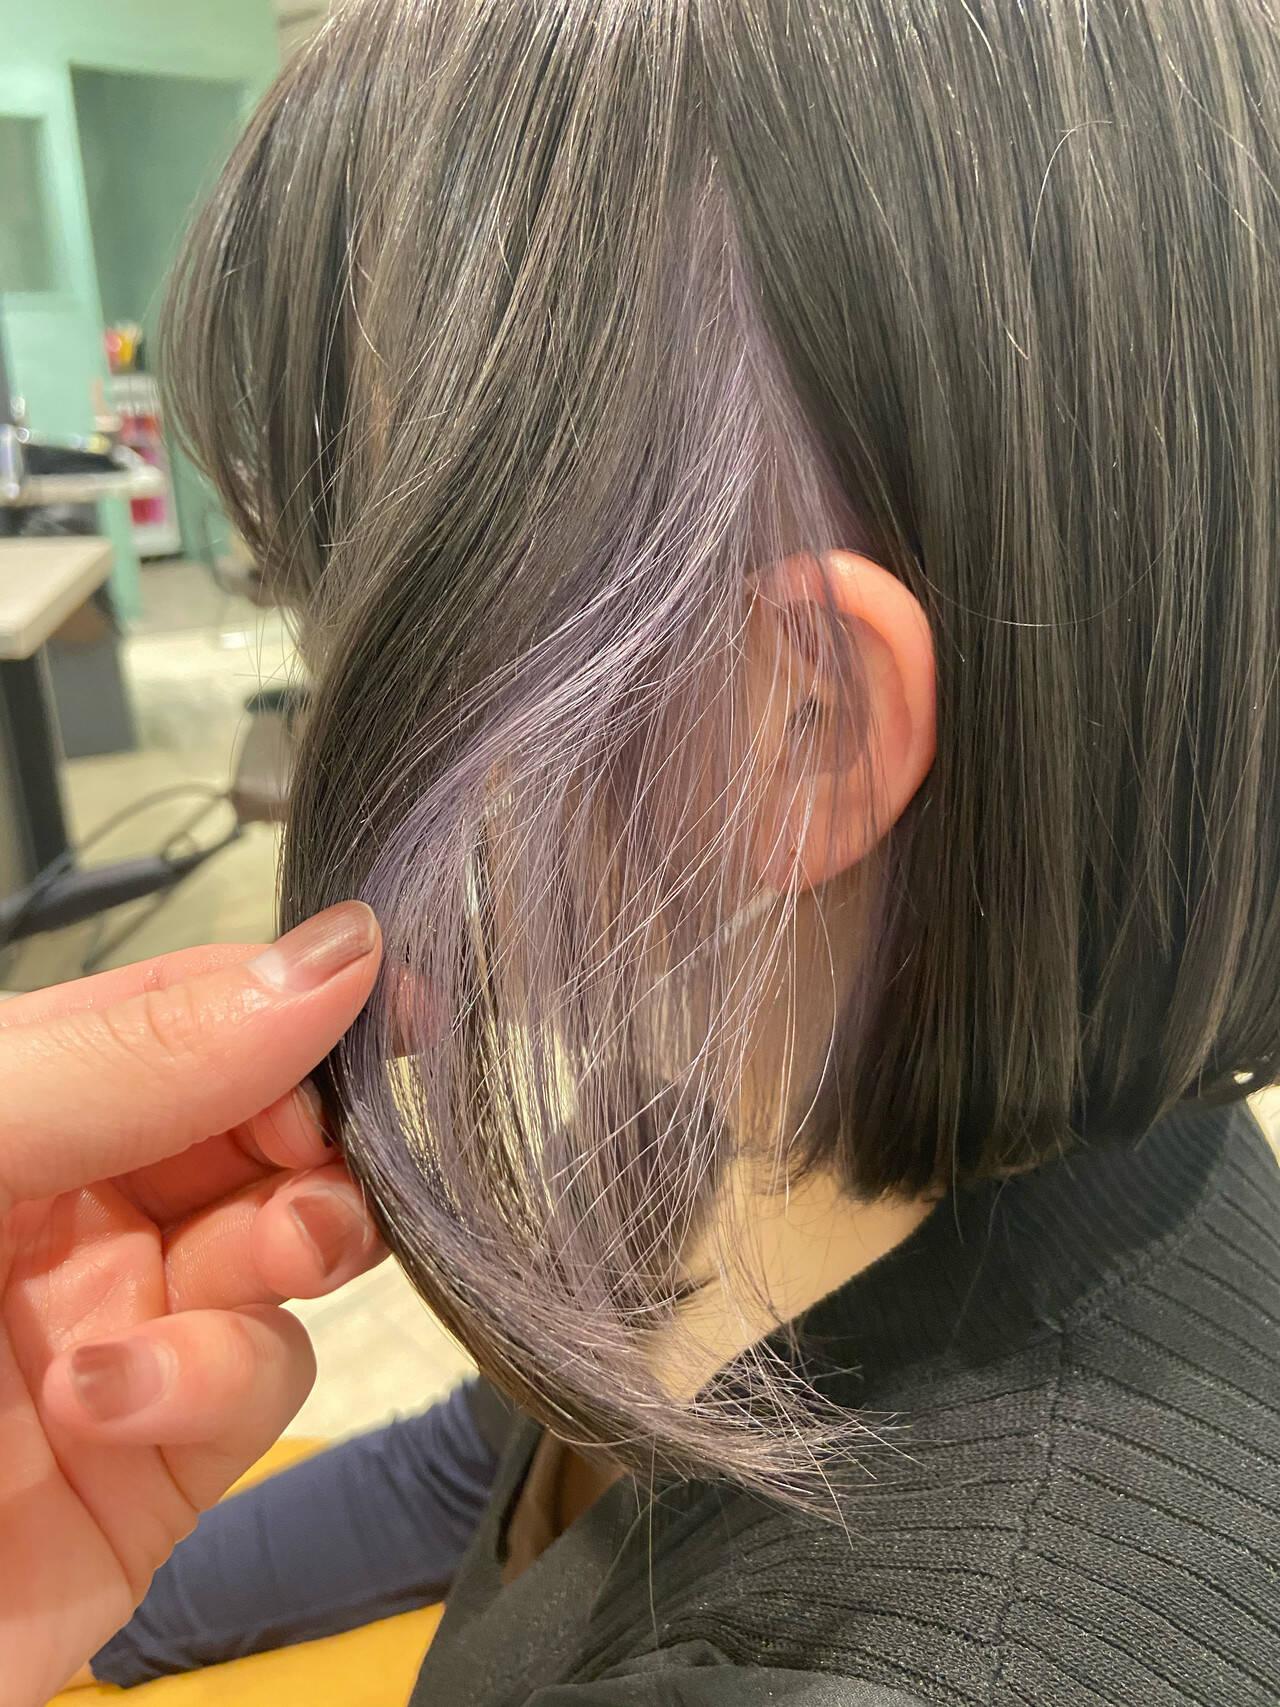 インナーカラーパープル パープルカラー パープル ボブヘアスタイルや髪型の写真・画像